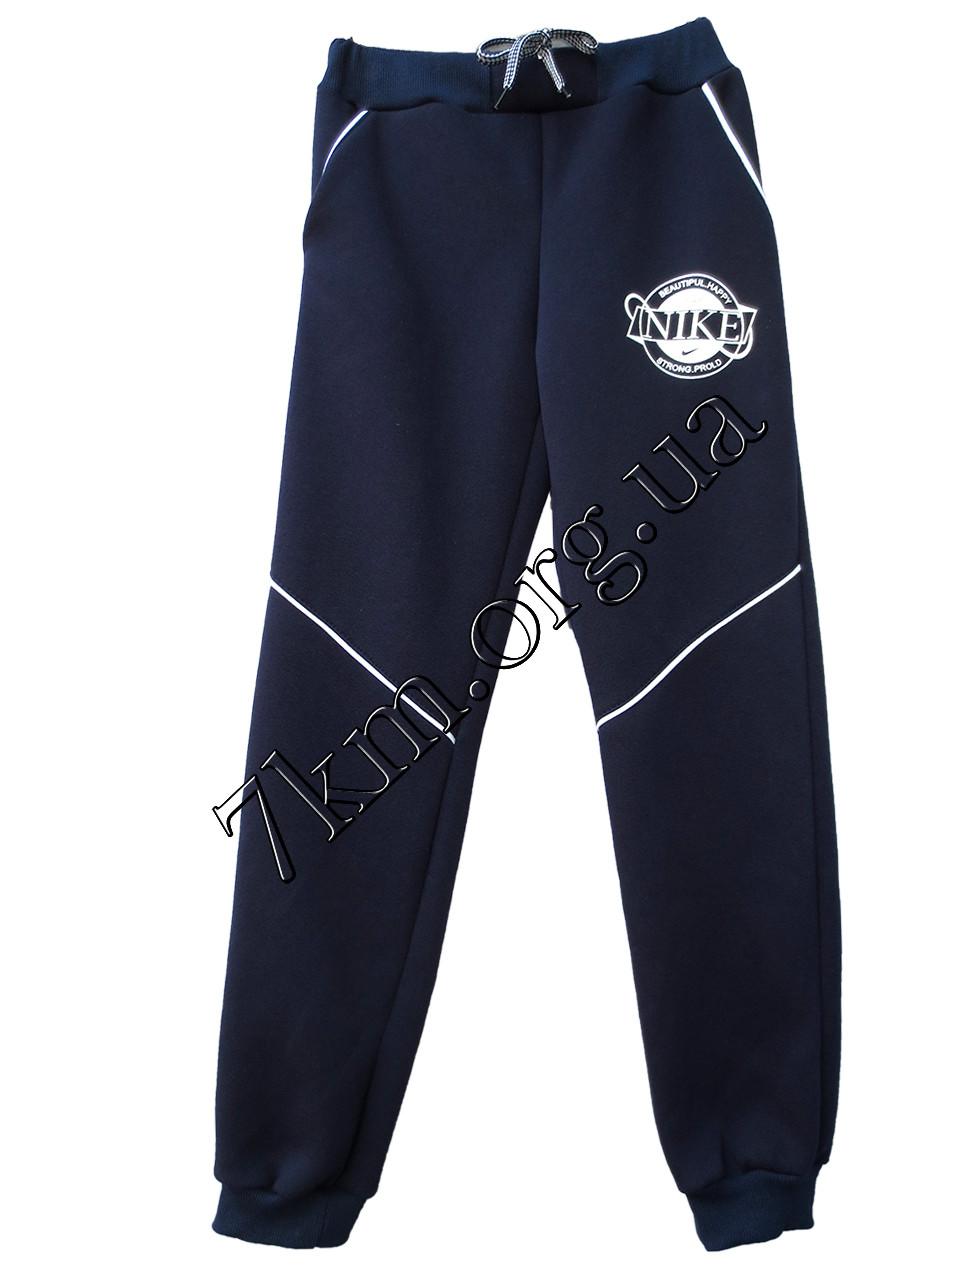 Спортивные штаны детские Реплика Nike для мальчиков (8-12 лет) трикотажные Черные